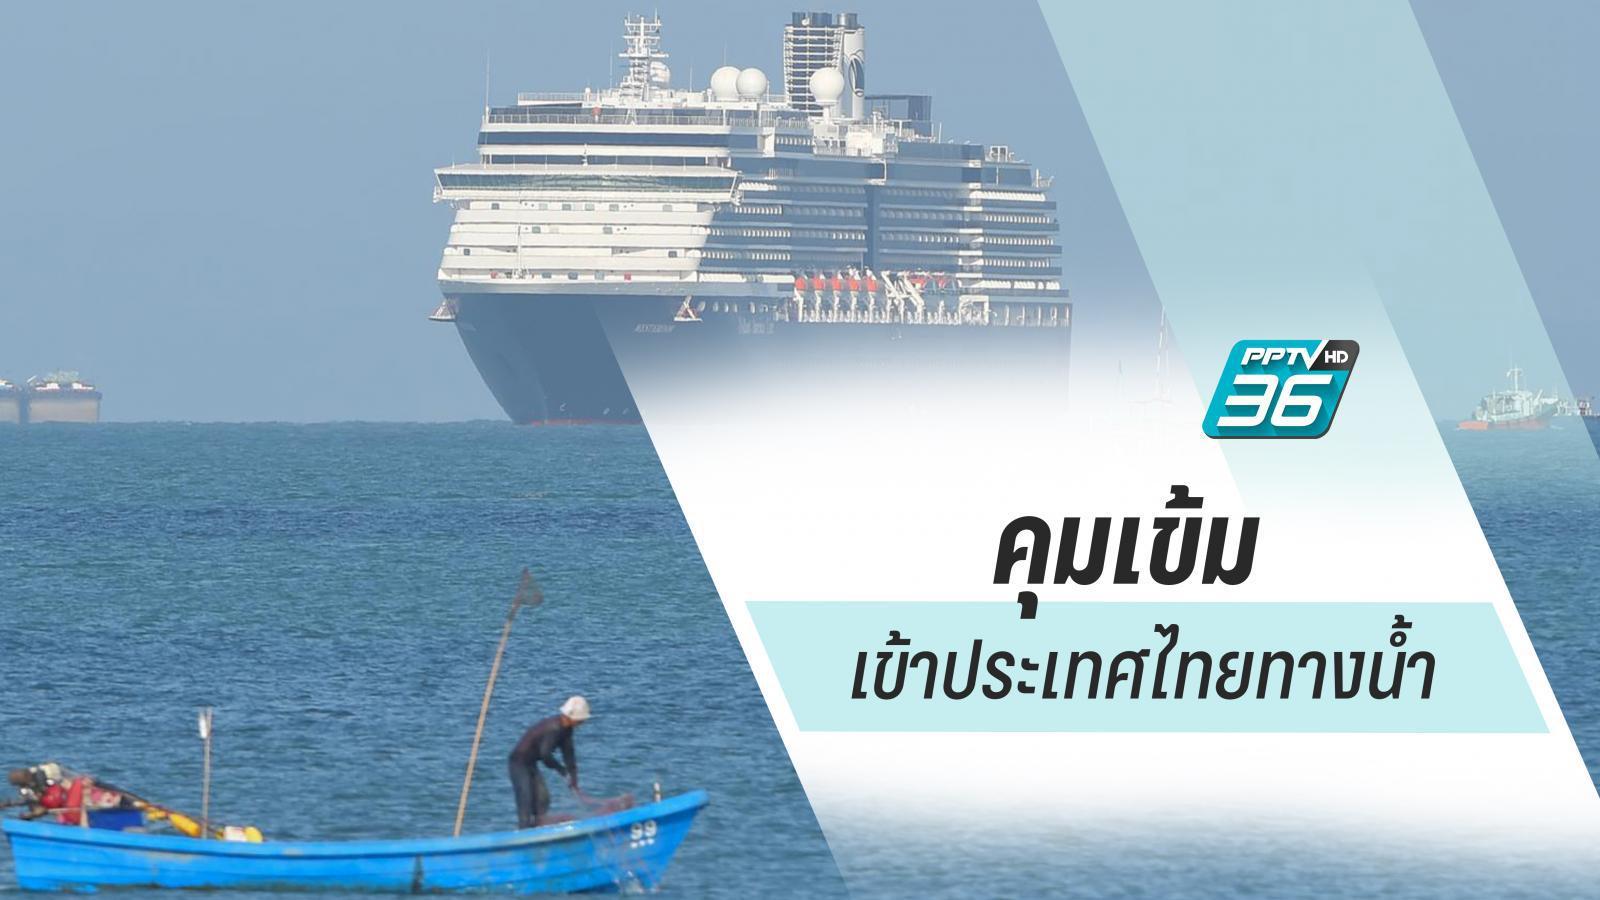 กรมเจ้าท่า ประกาศ จะลงเรือที่ไทย  ต้องกักกัน-มีใบรับรองแพทย์-ประกัน